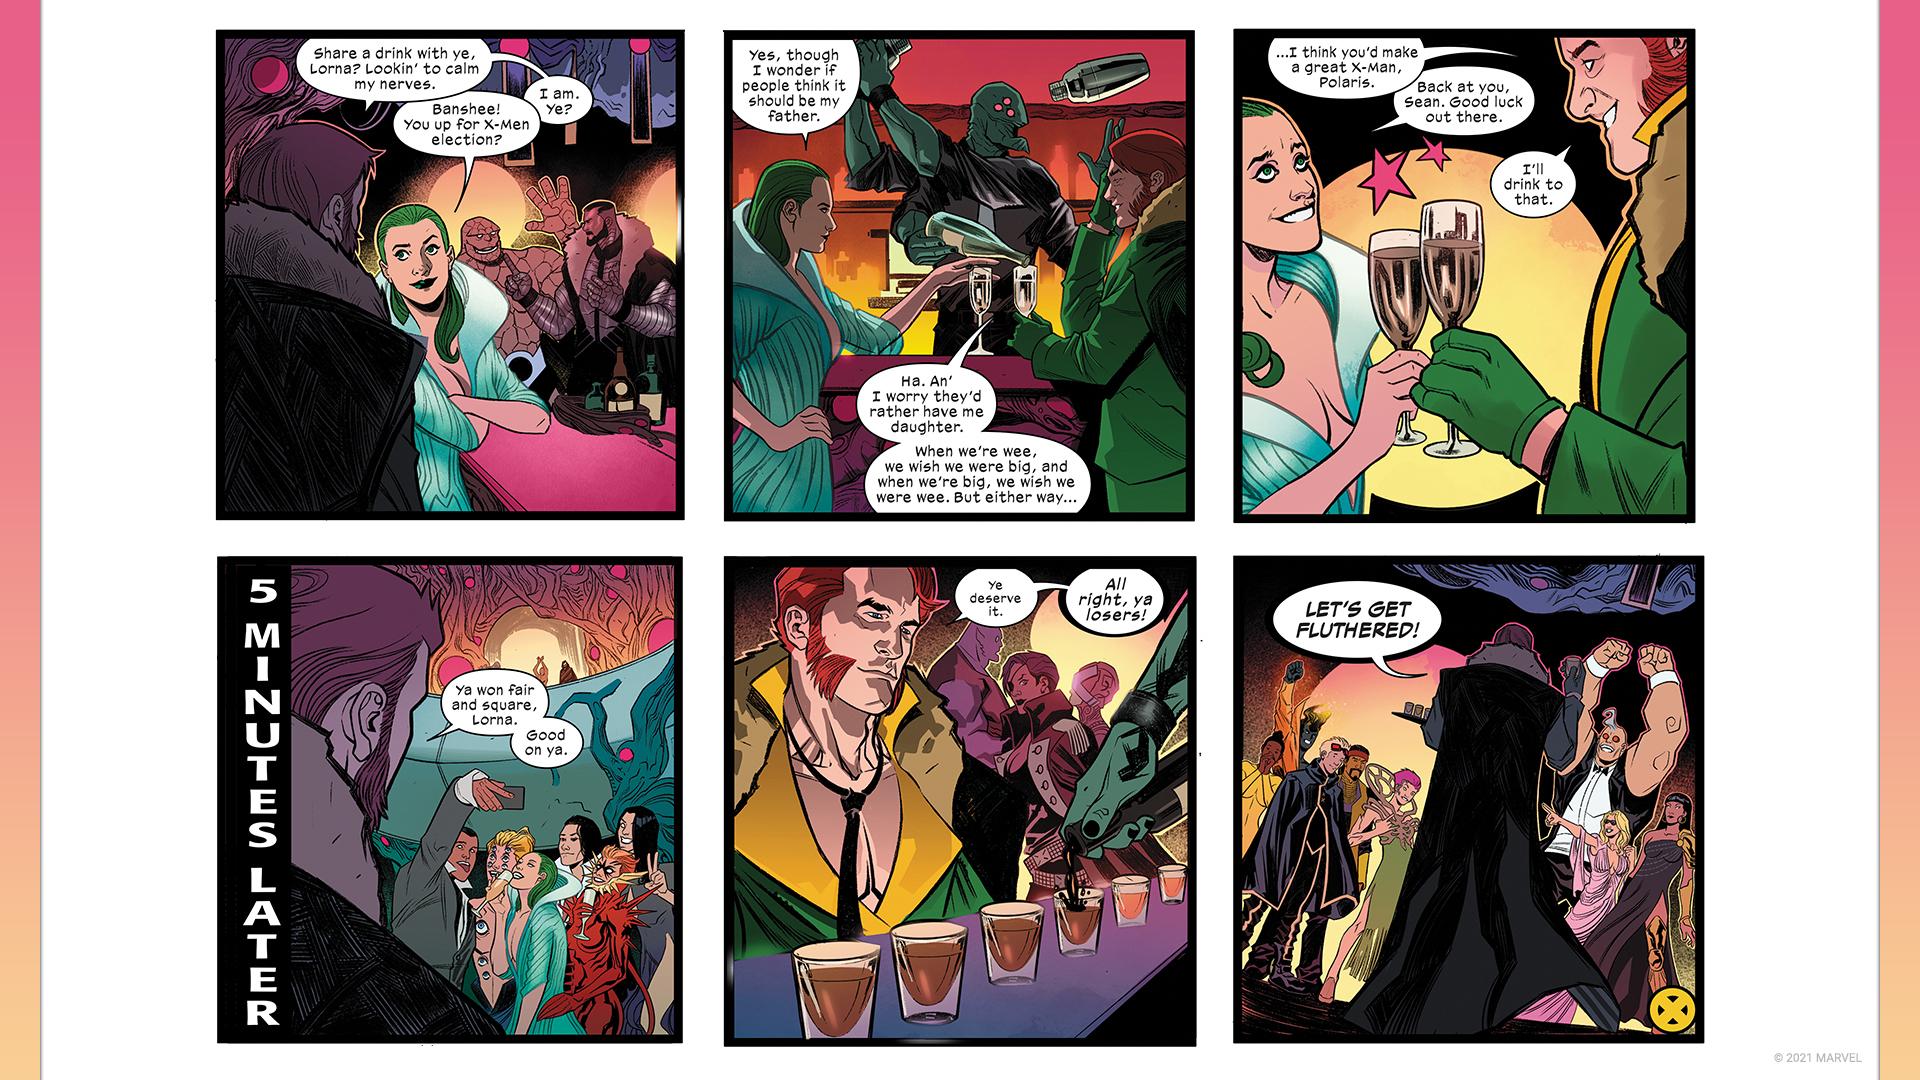 Tira cómica con los ganadores de la votación de los fanáticos de X-Men